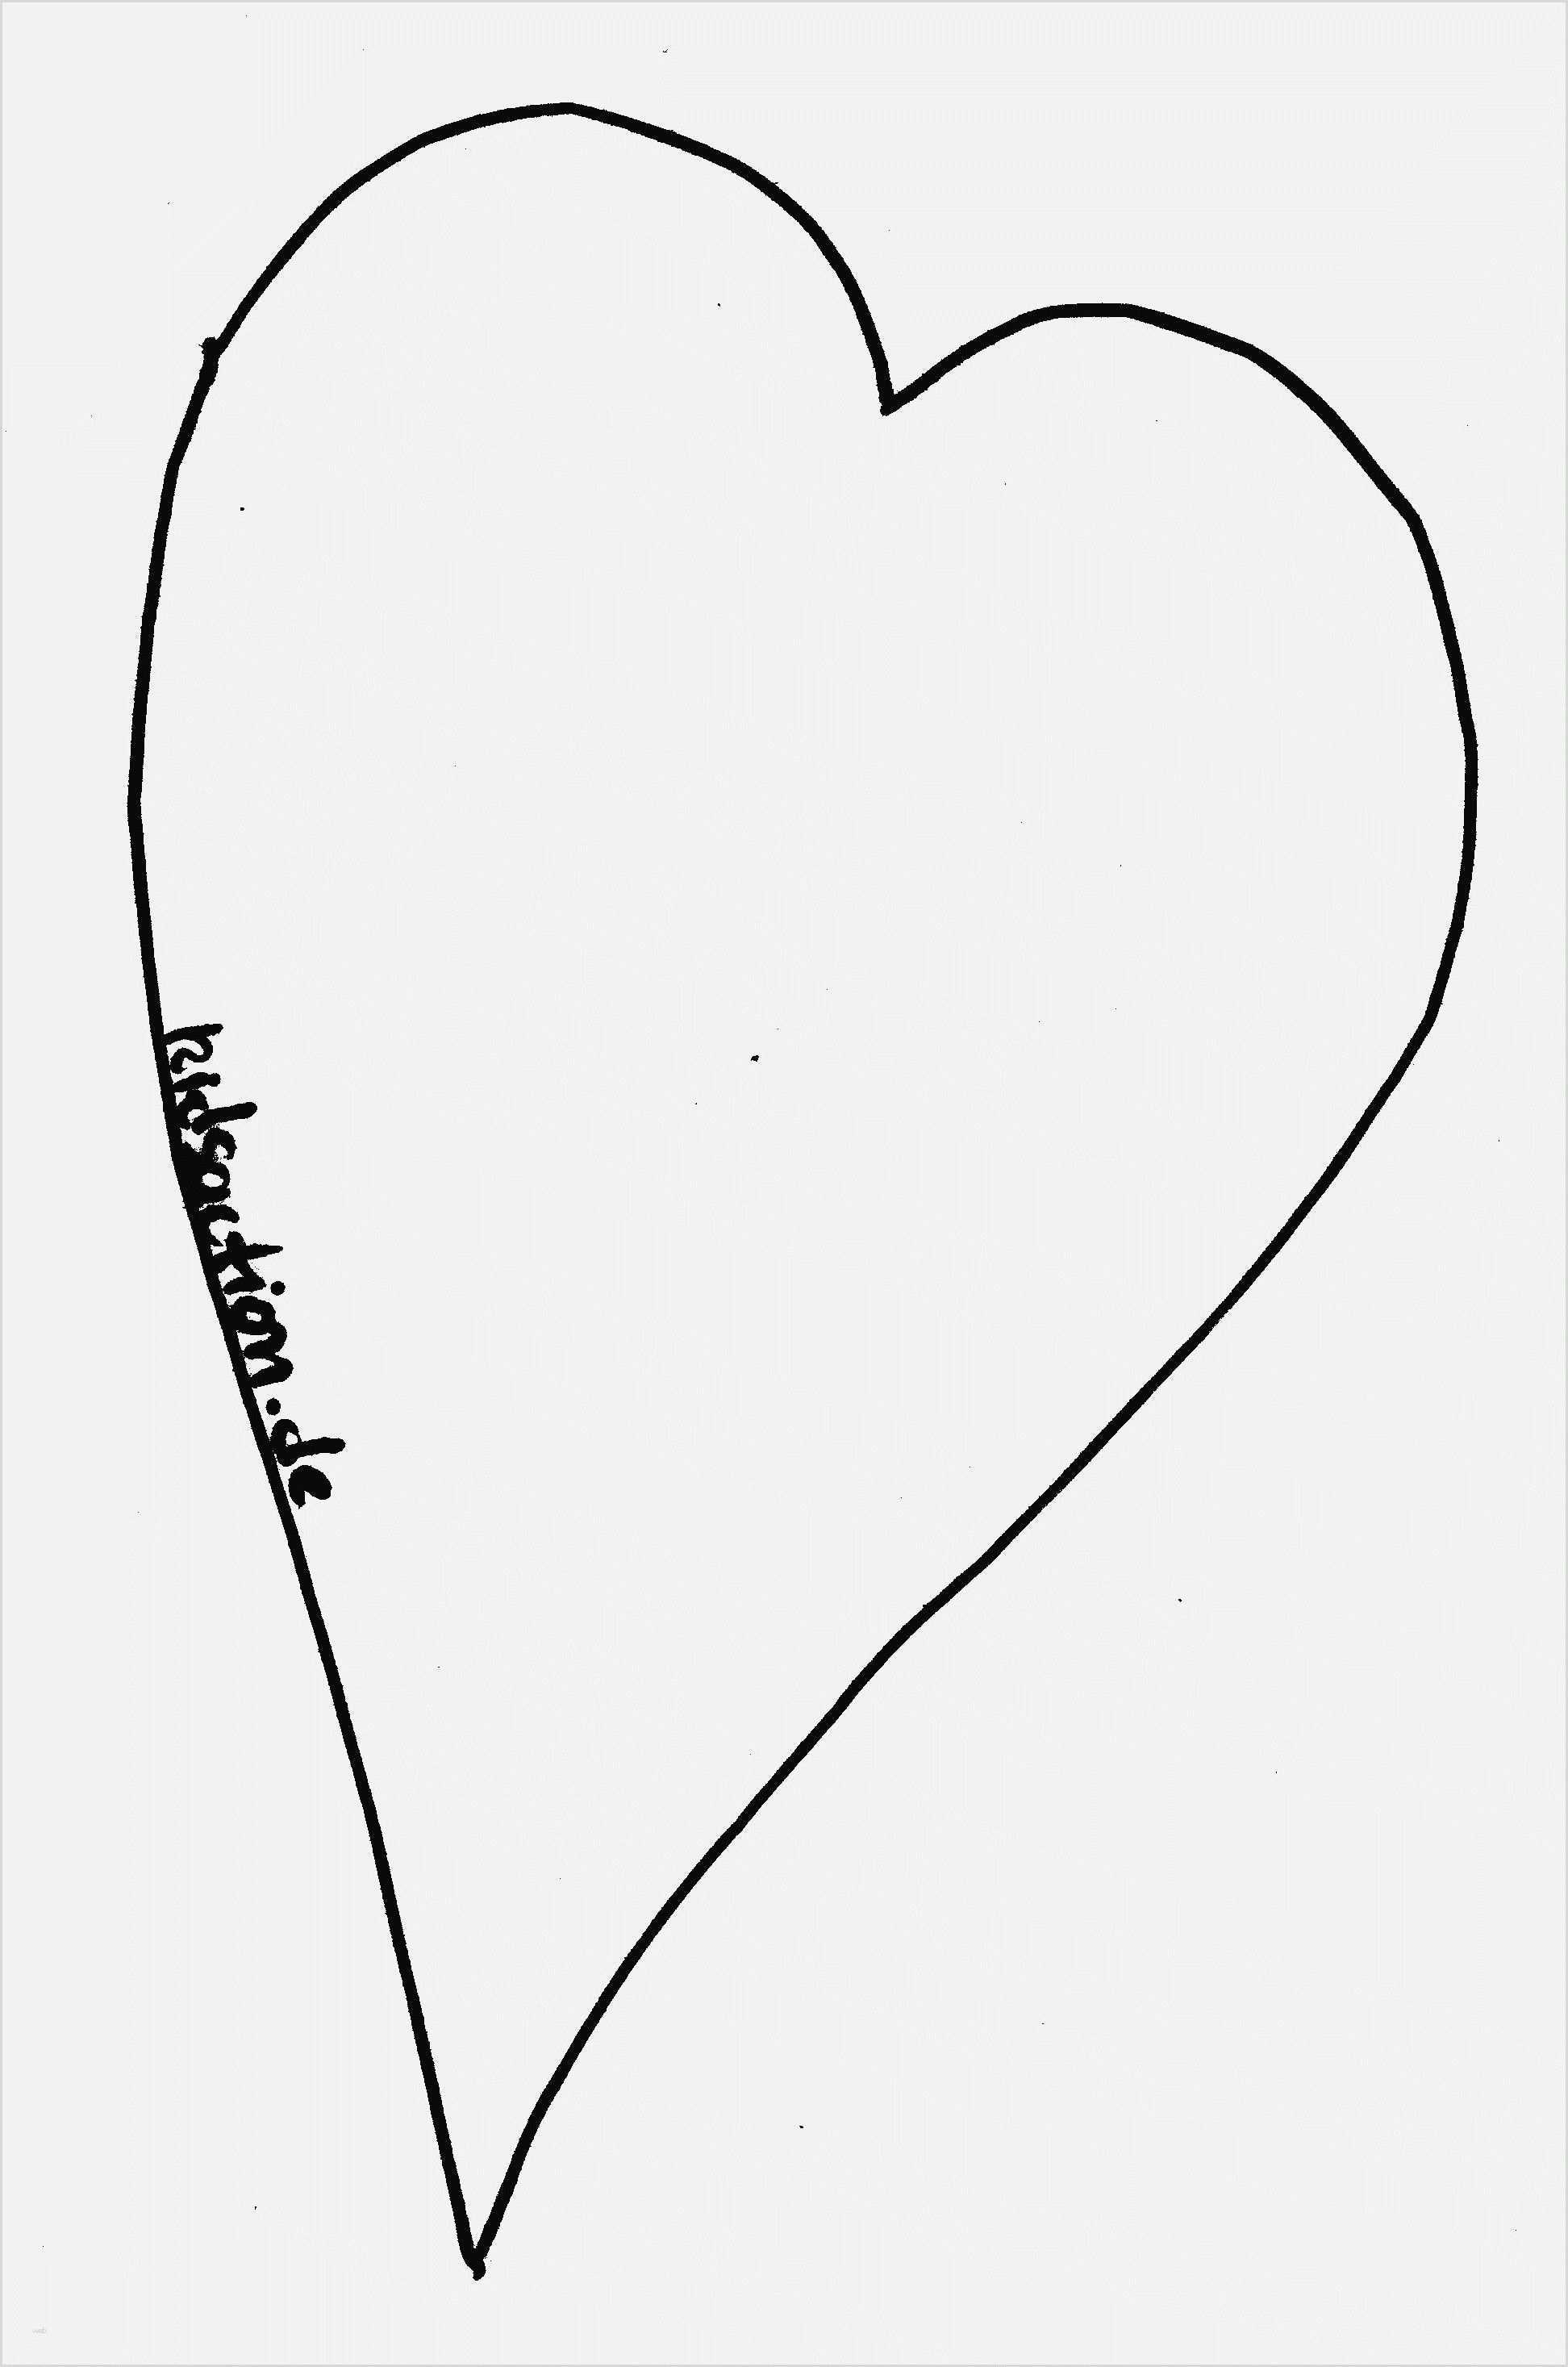 Einzigartig Herzen Vorlage Malvorlagen Malvorlagenfurkinder Malvorlagenfurerwachsene Herz Vorlage Vorlagen Malvorlagen